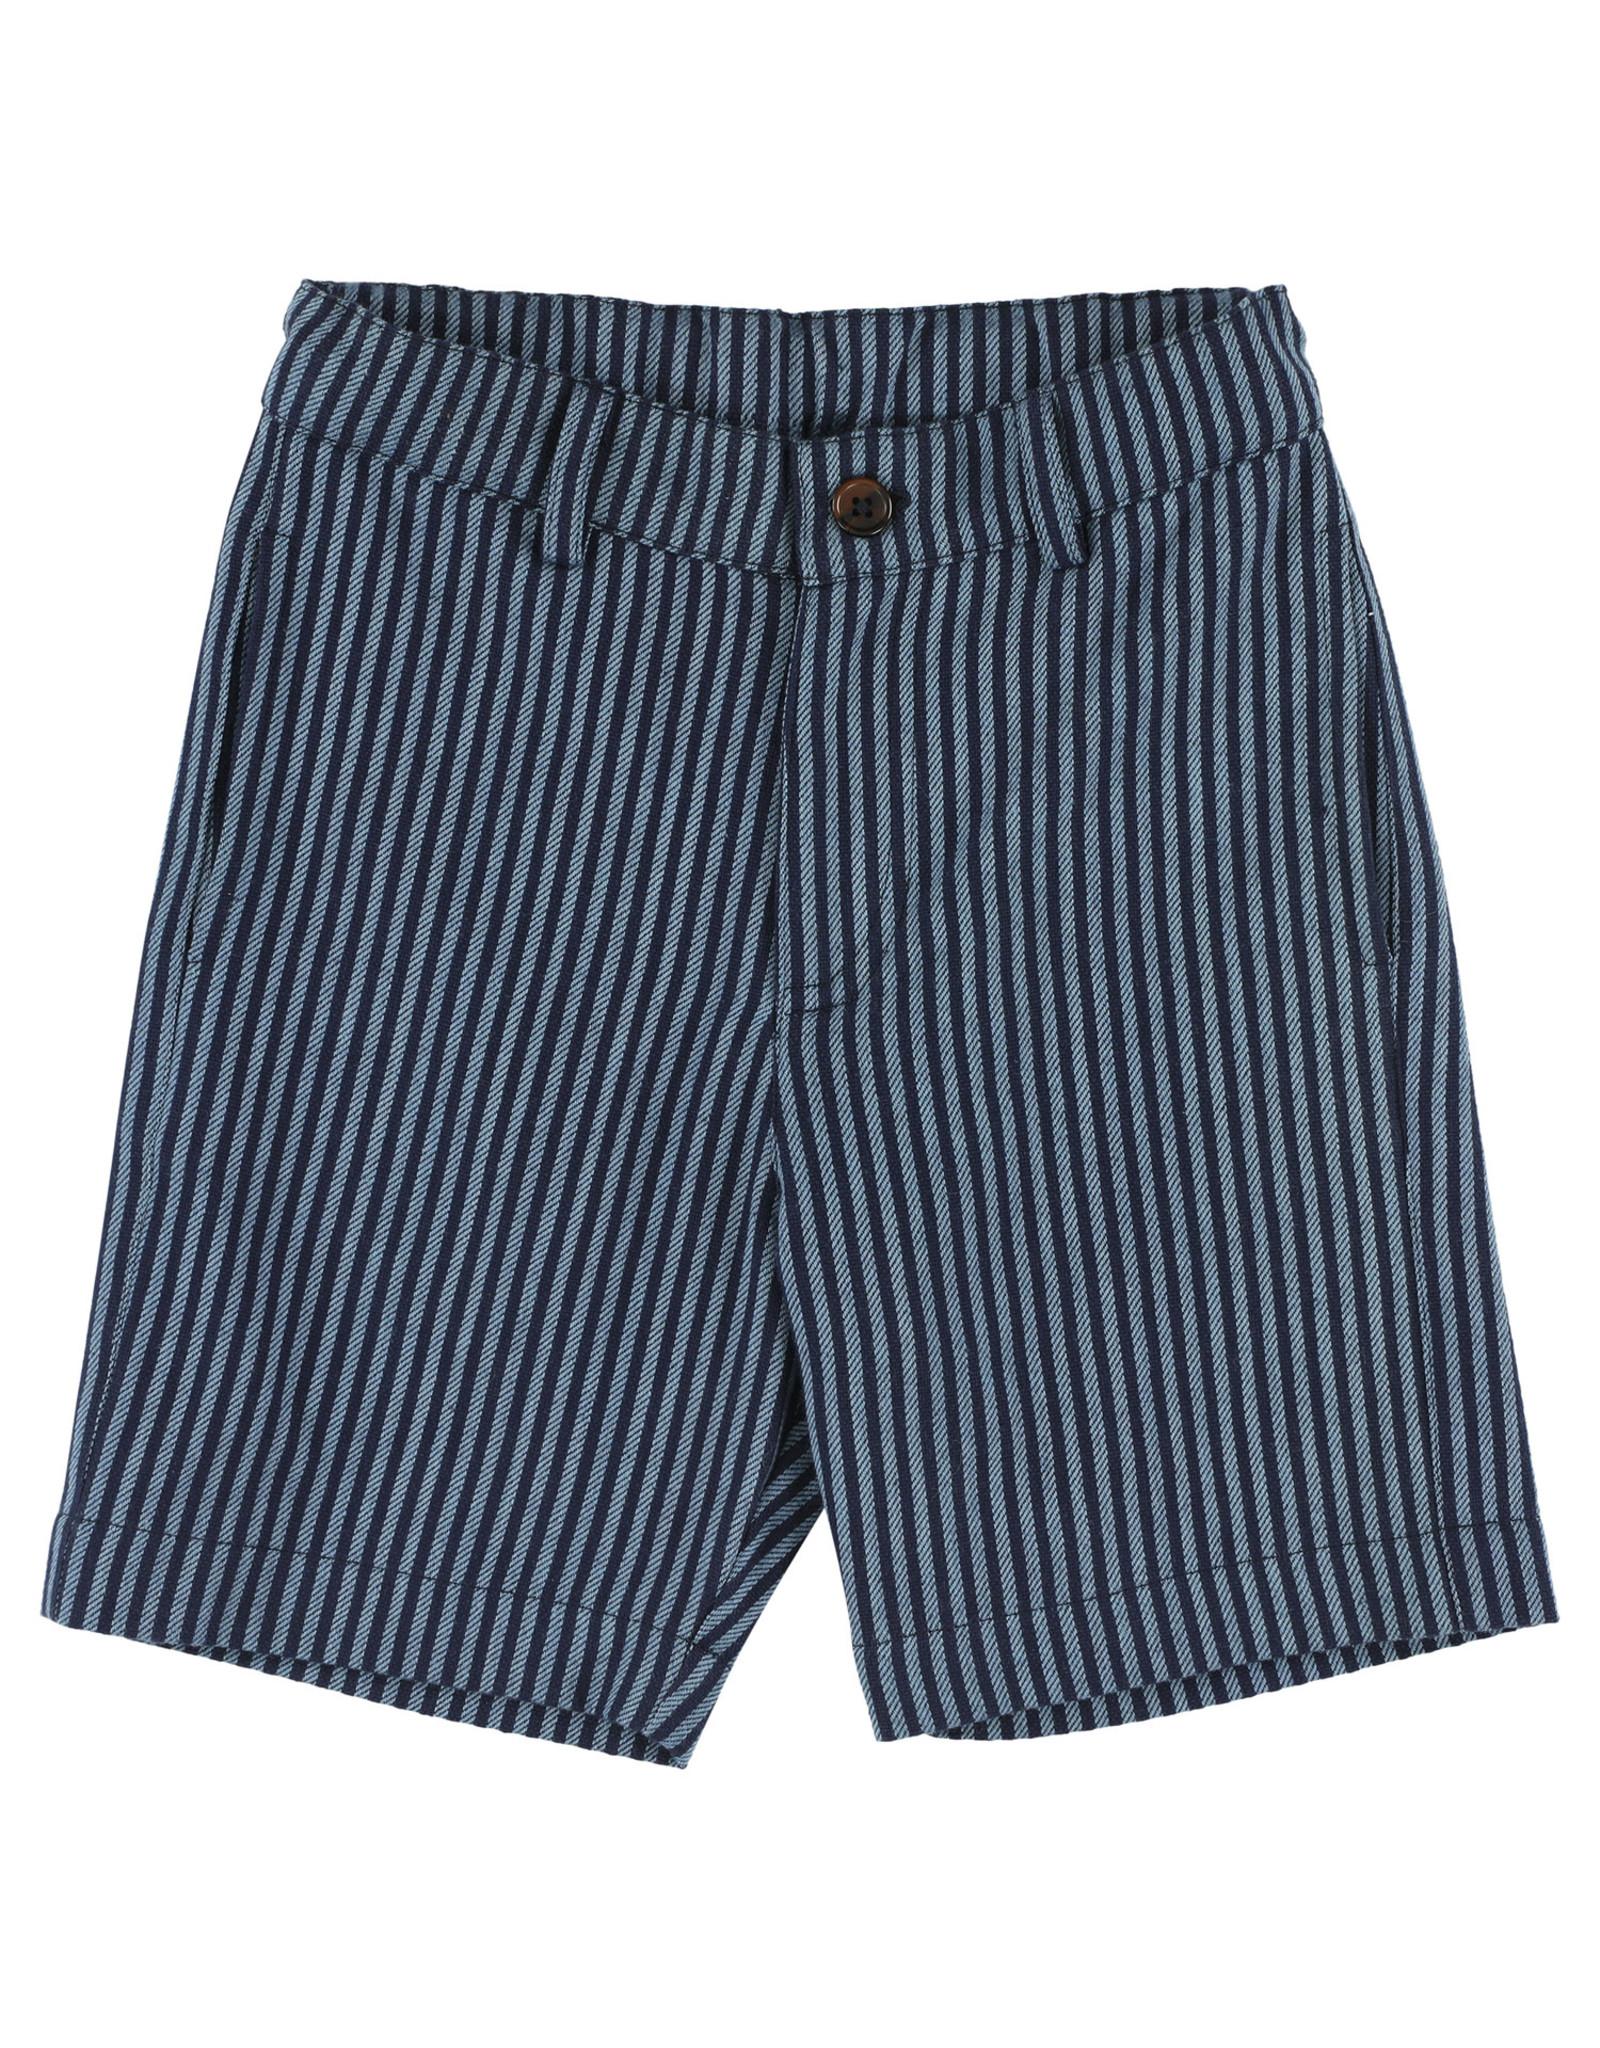 Simple Kids SS21 Jaguar lines blue shorts